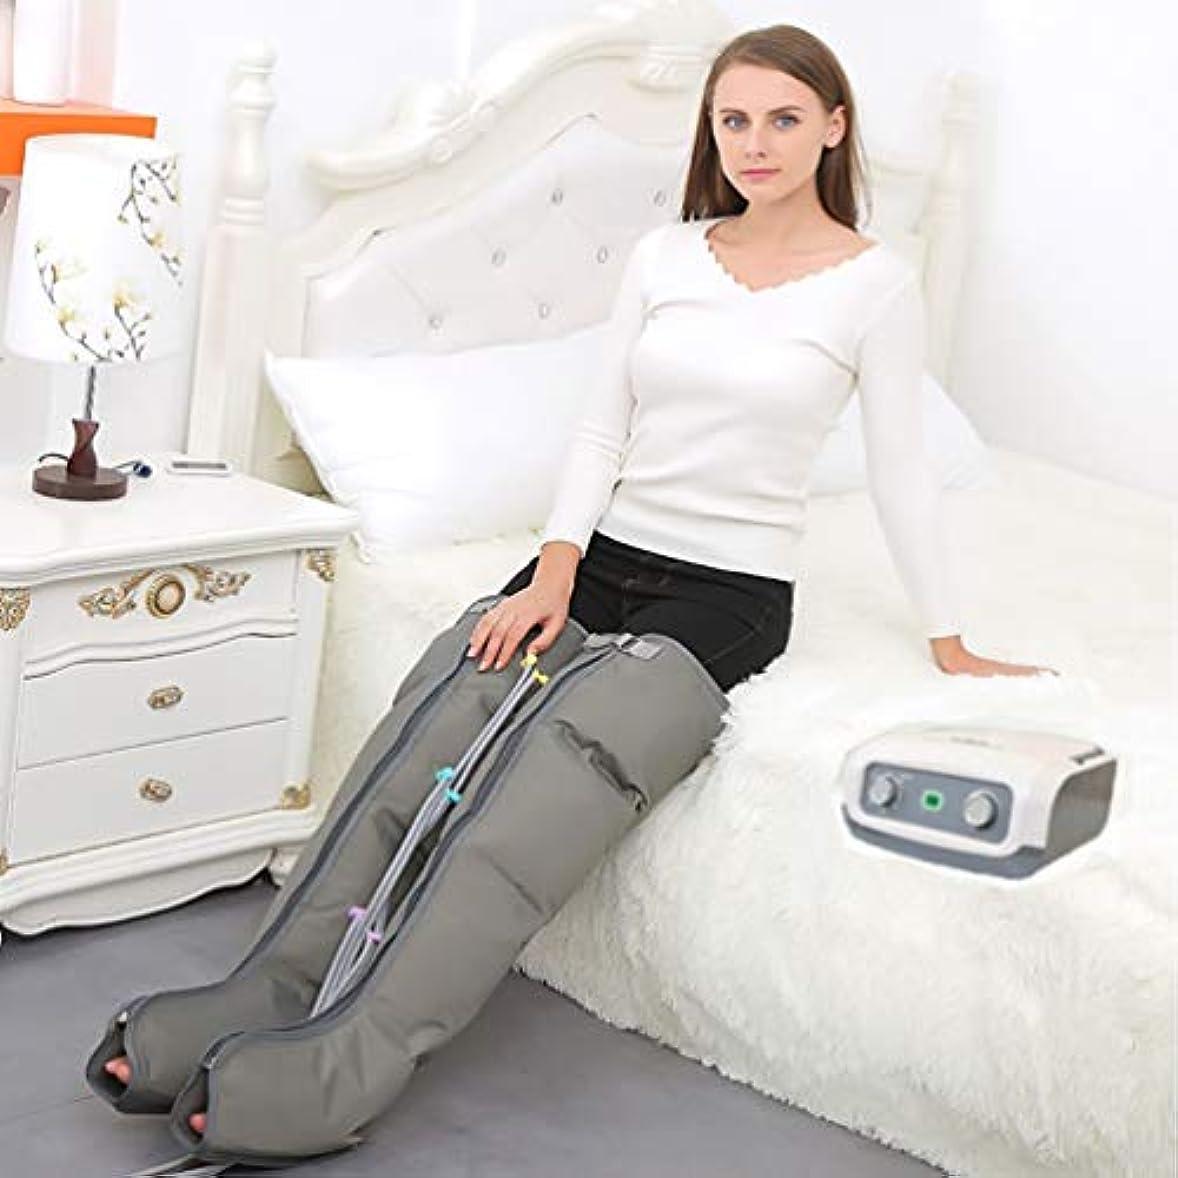 セミナーあえぎ従順な足のふくらはぎ循環ブースターマッサージ療法4キャビティ高齢者の足のマッサージのための空気圧縮脚マッサージ機,doubleLowerlimbs